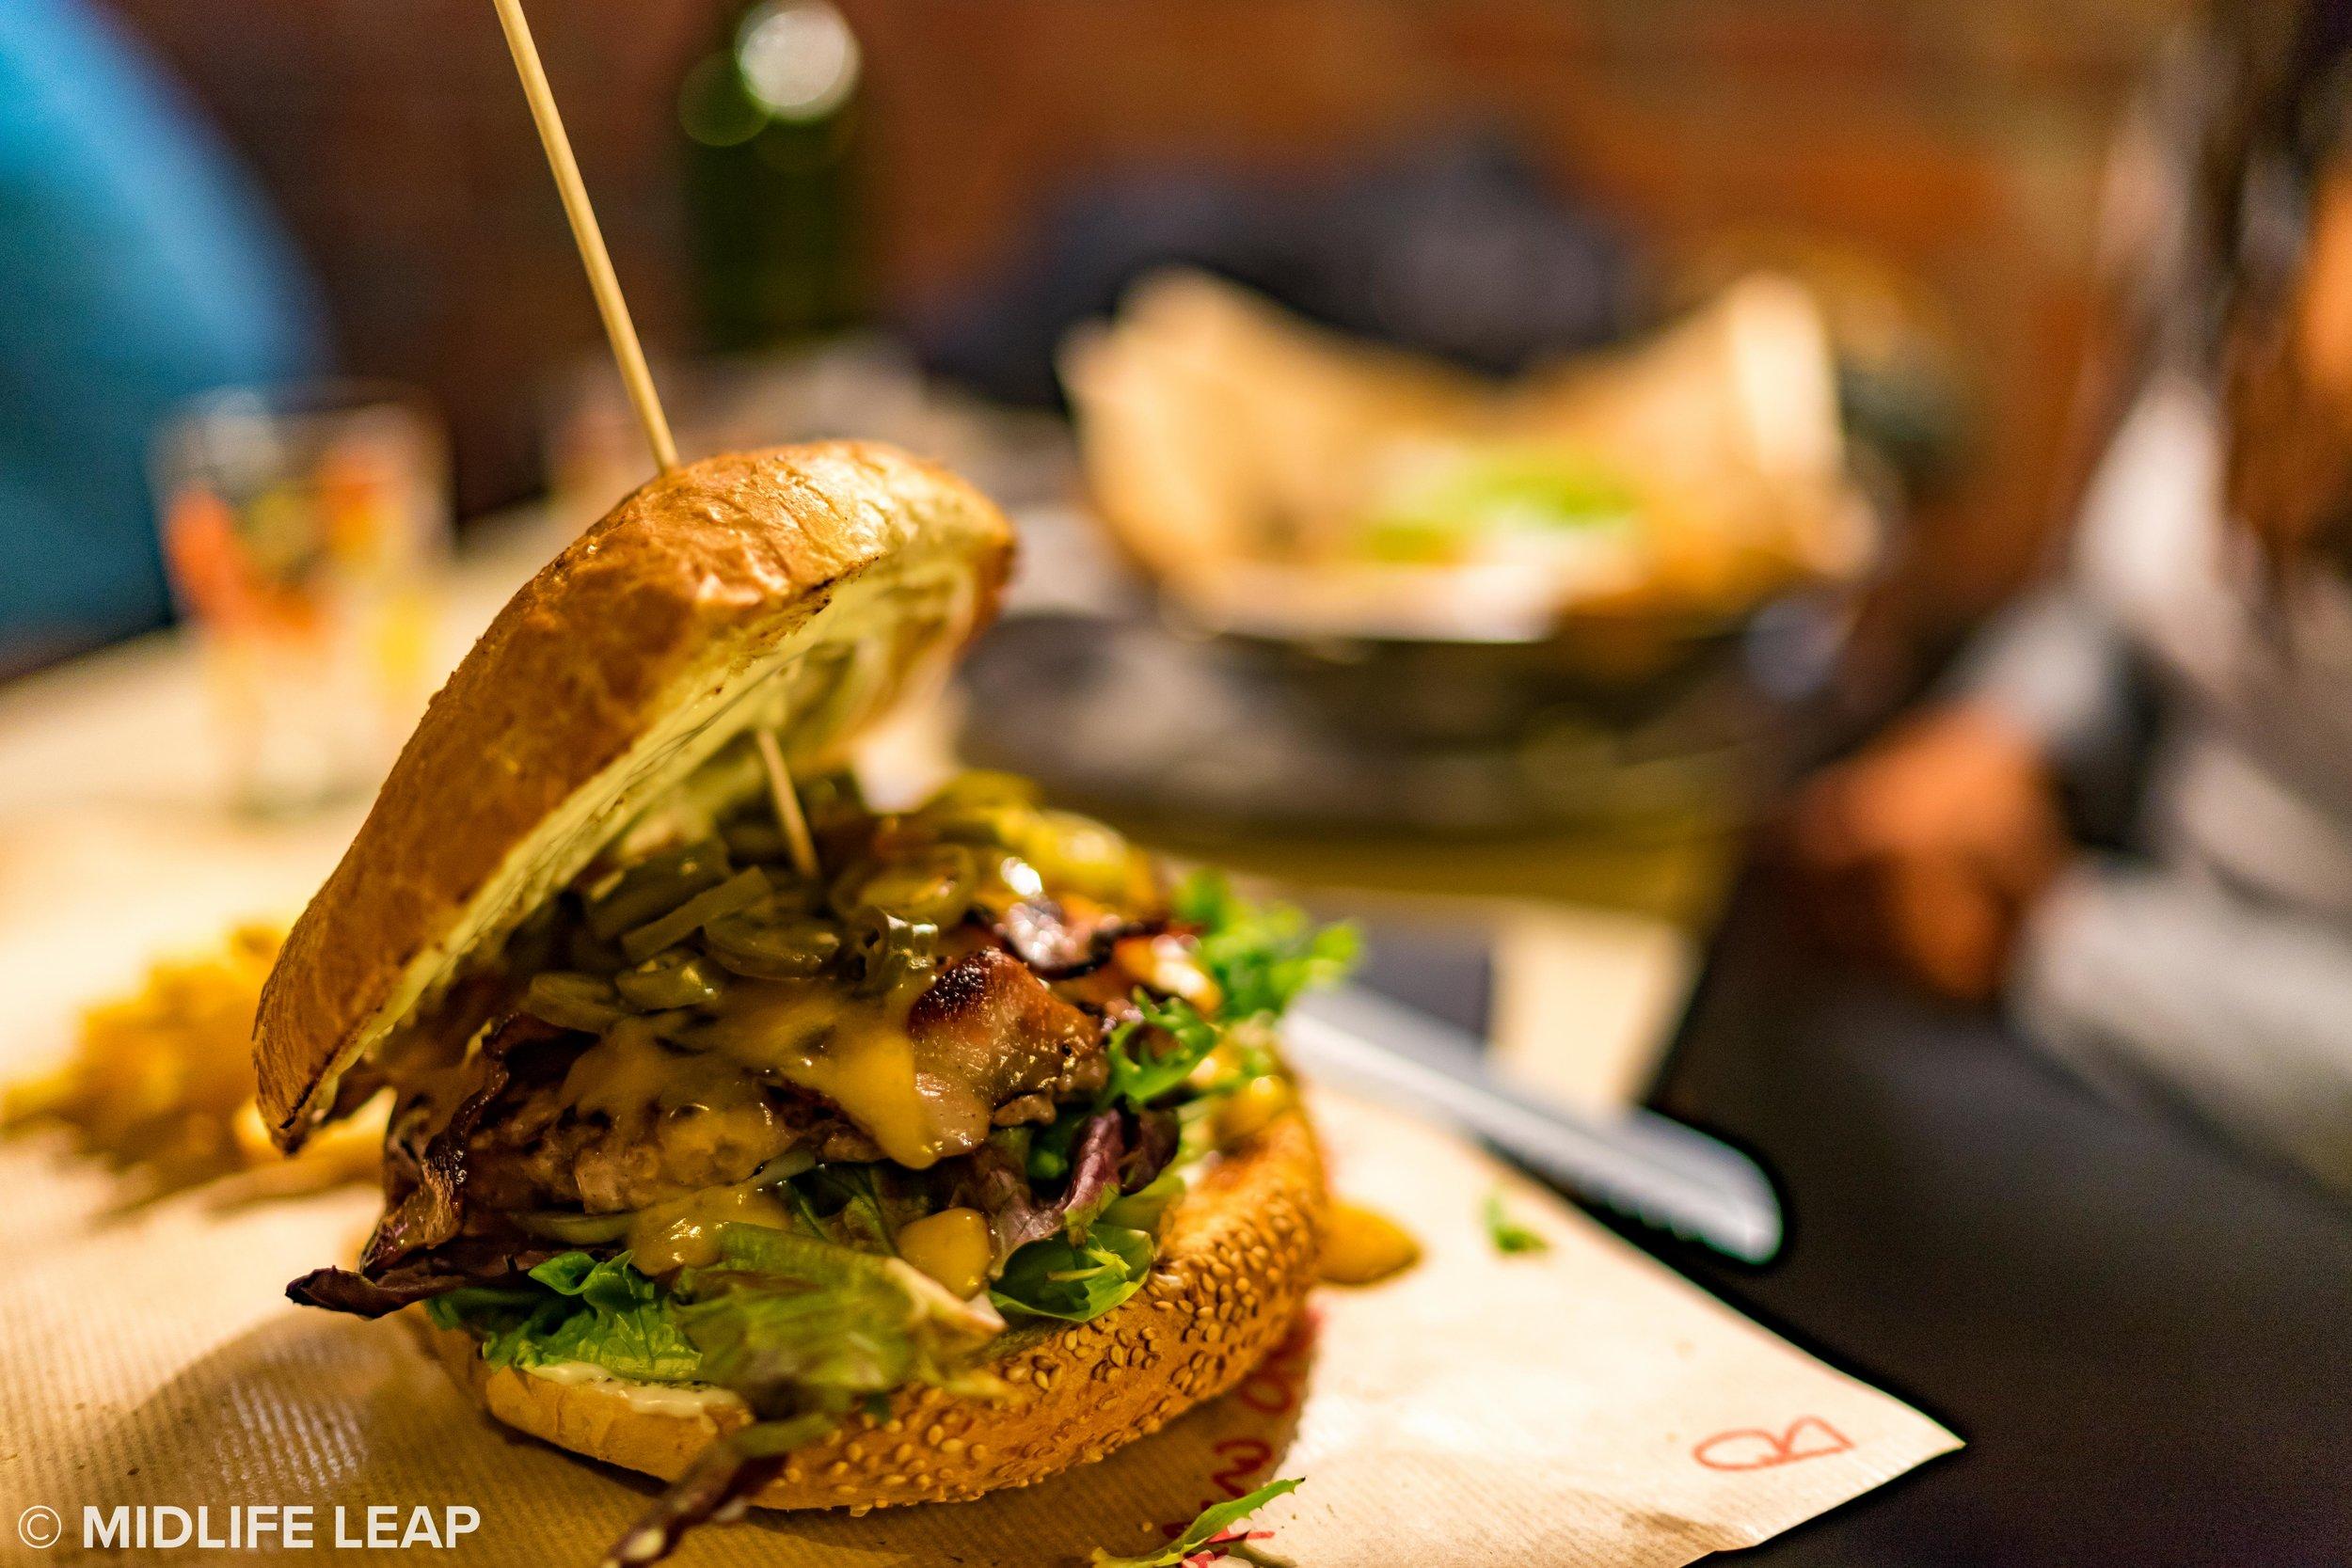 The jalapeno nacho cheese burger. YUM